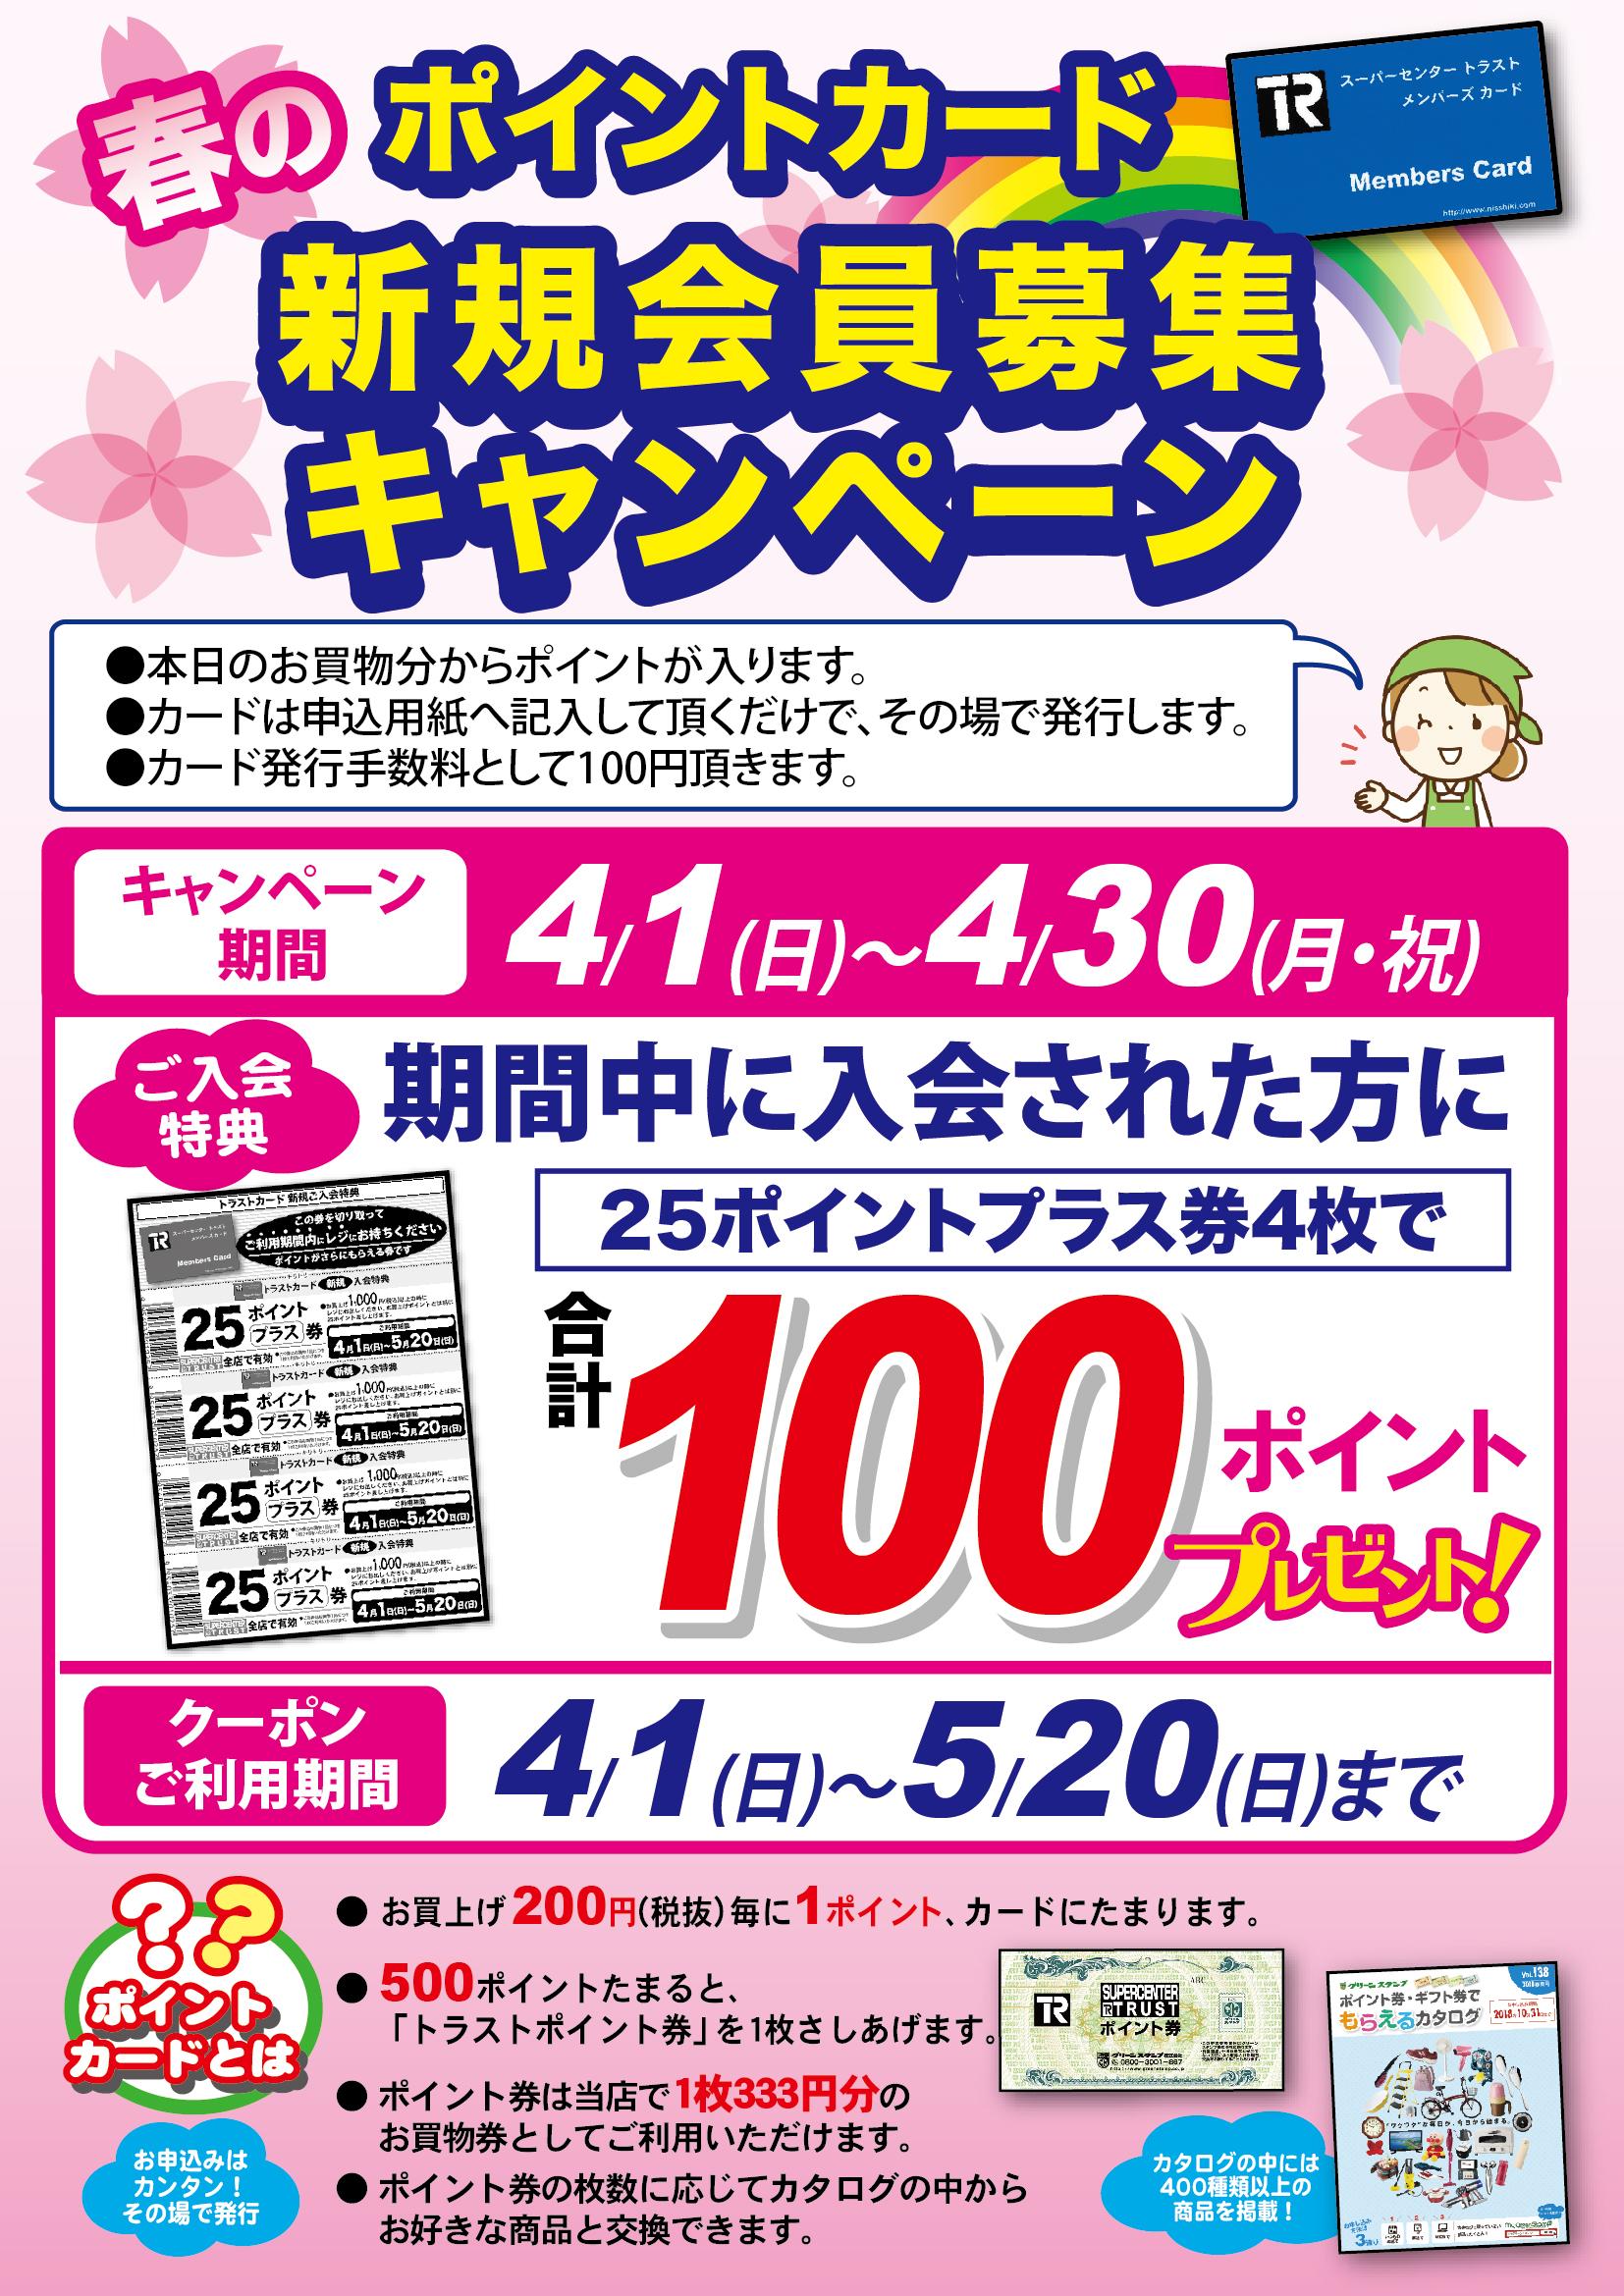 春のトラストポイントカード会員新規募集キャンペーン!!